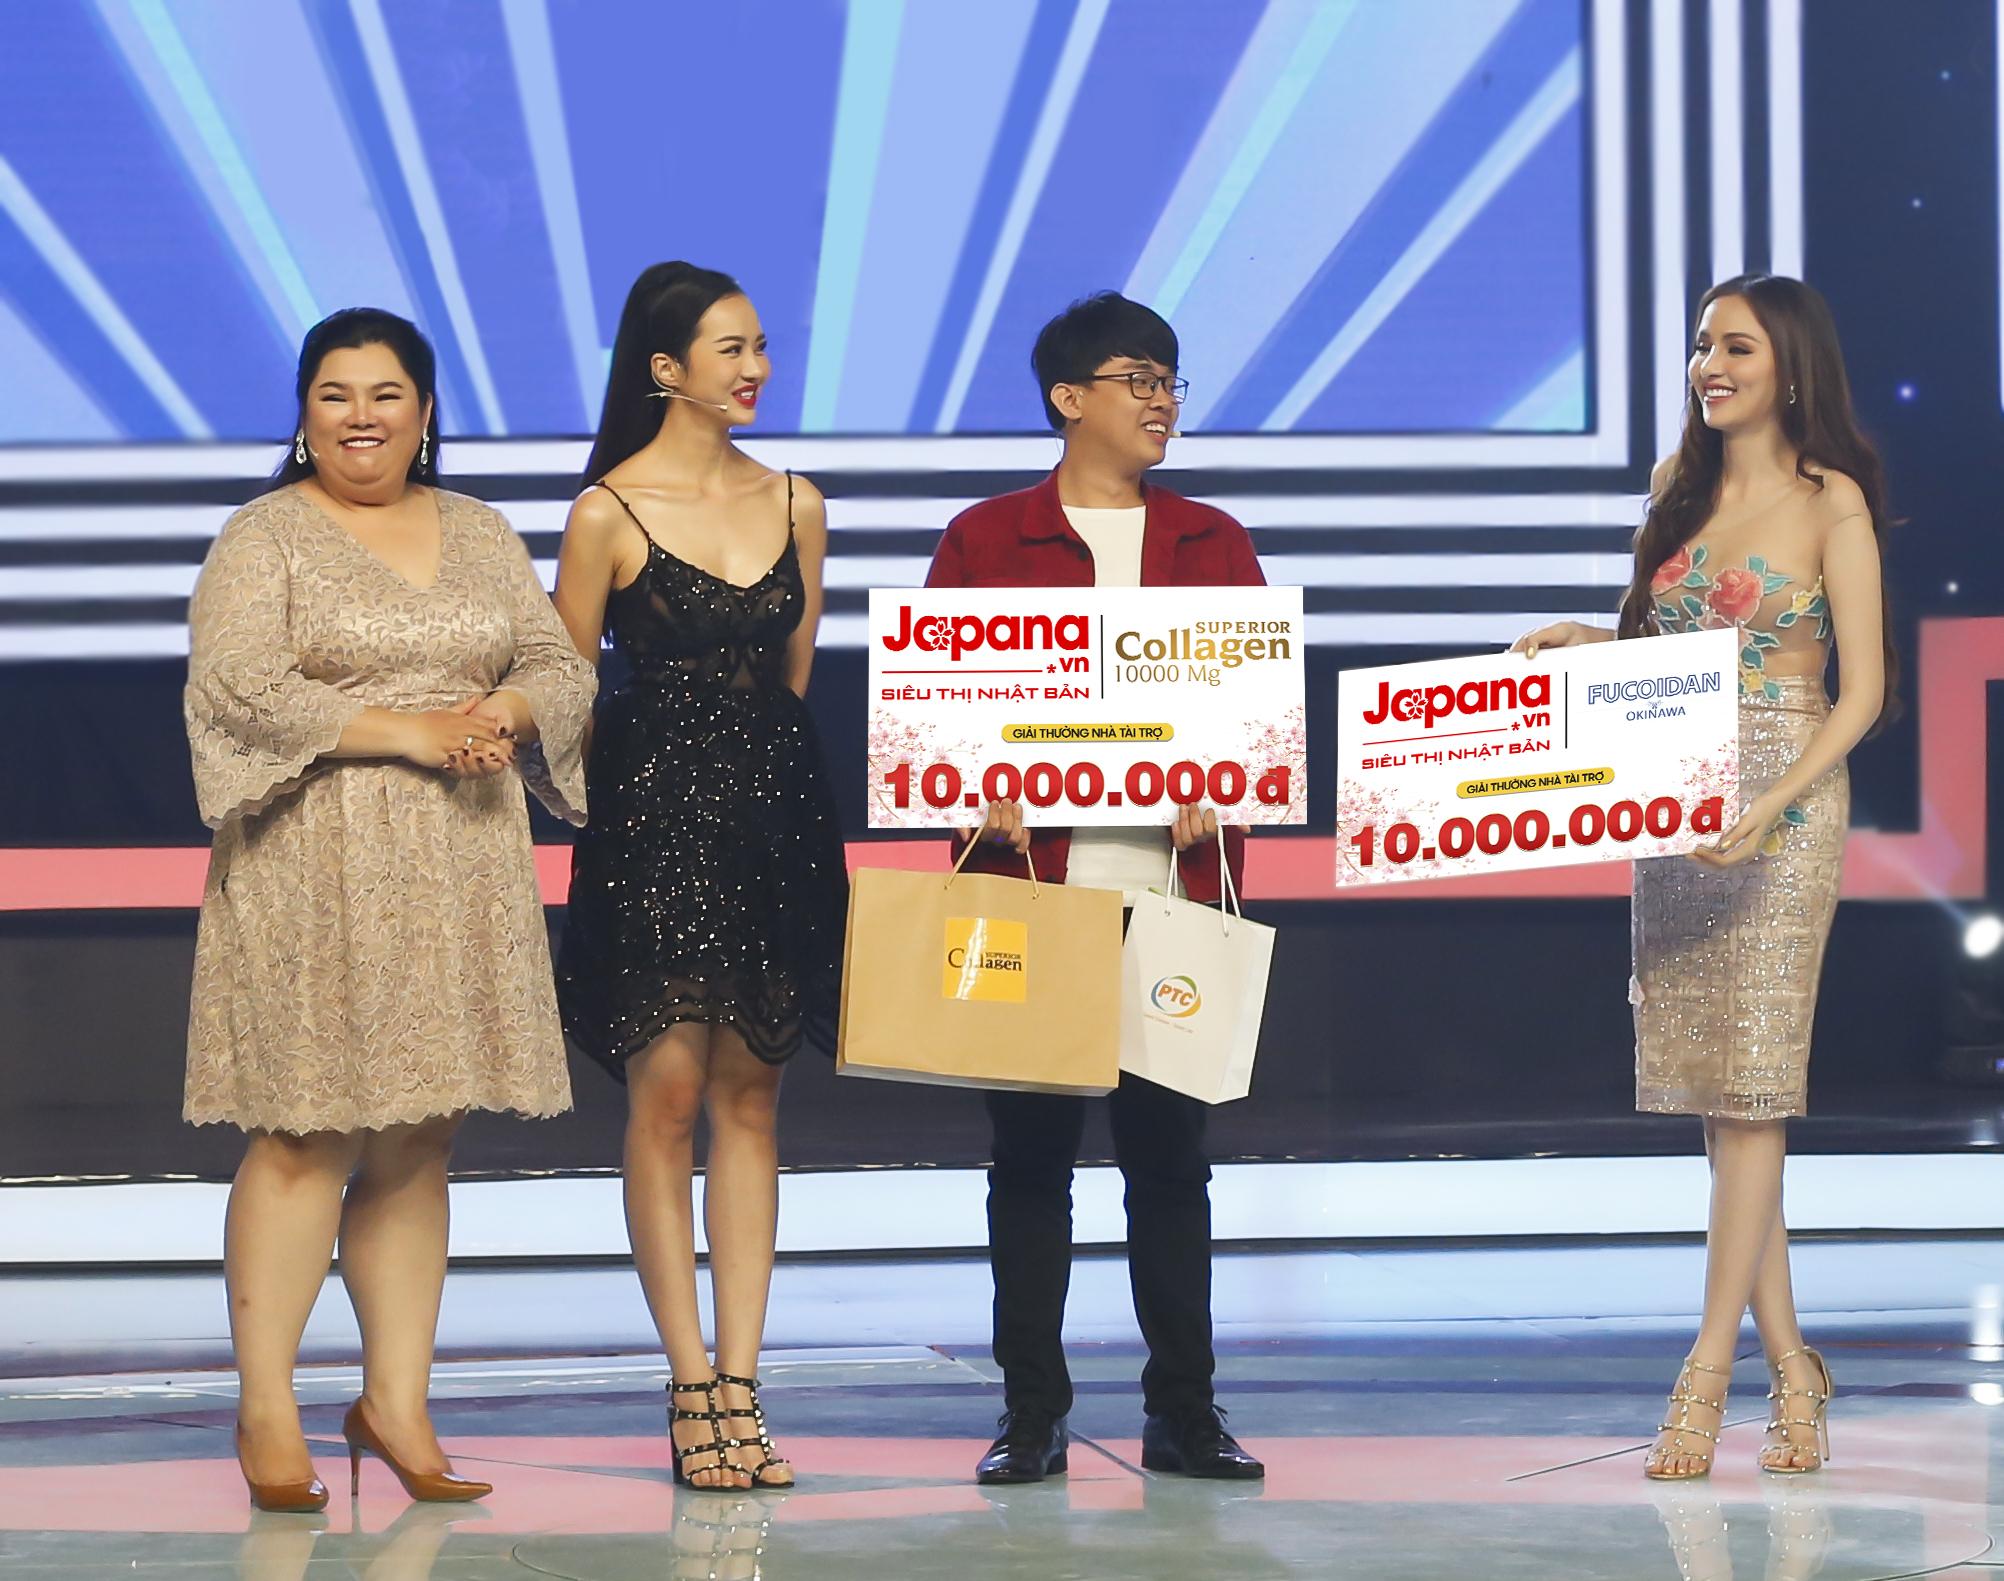 Ca sĩ Miko Lan Trinh và diễn viên Phương Hằng là khách hàng thân thiết của Siêu Thị Nhật Bản Japana